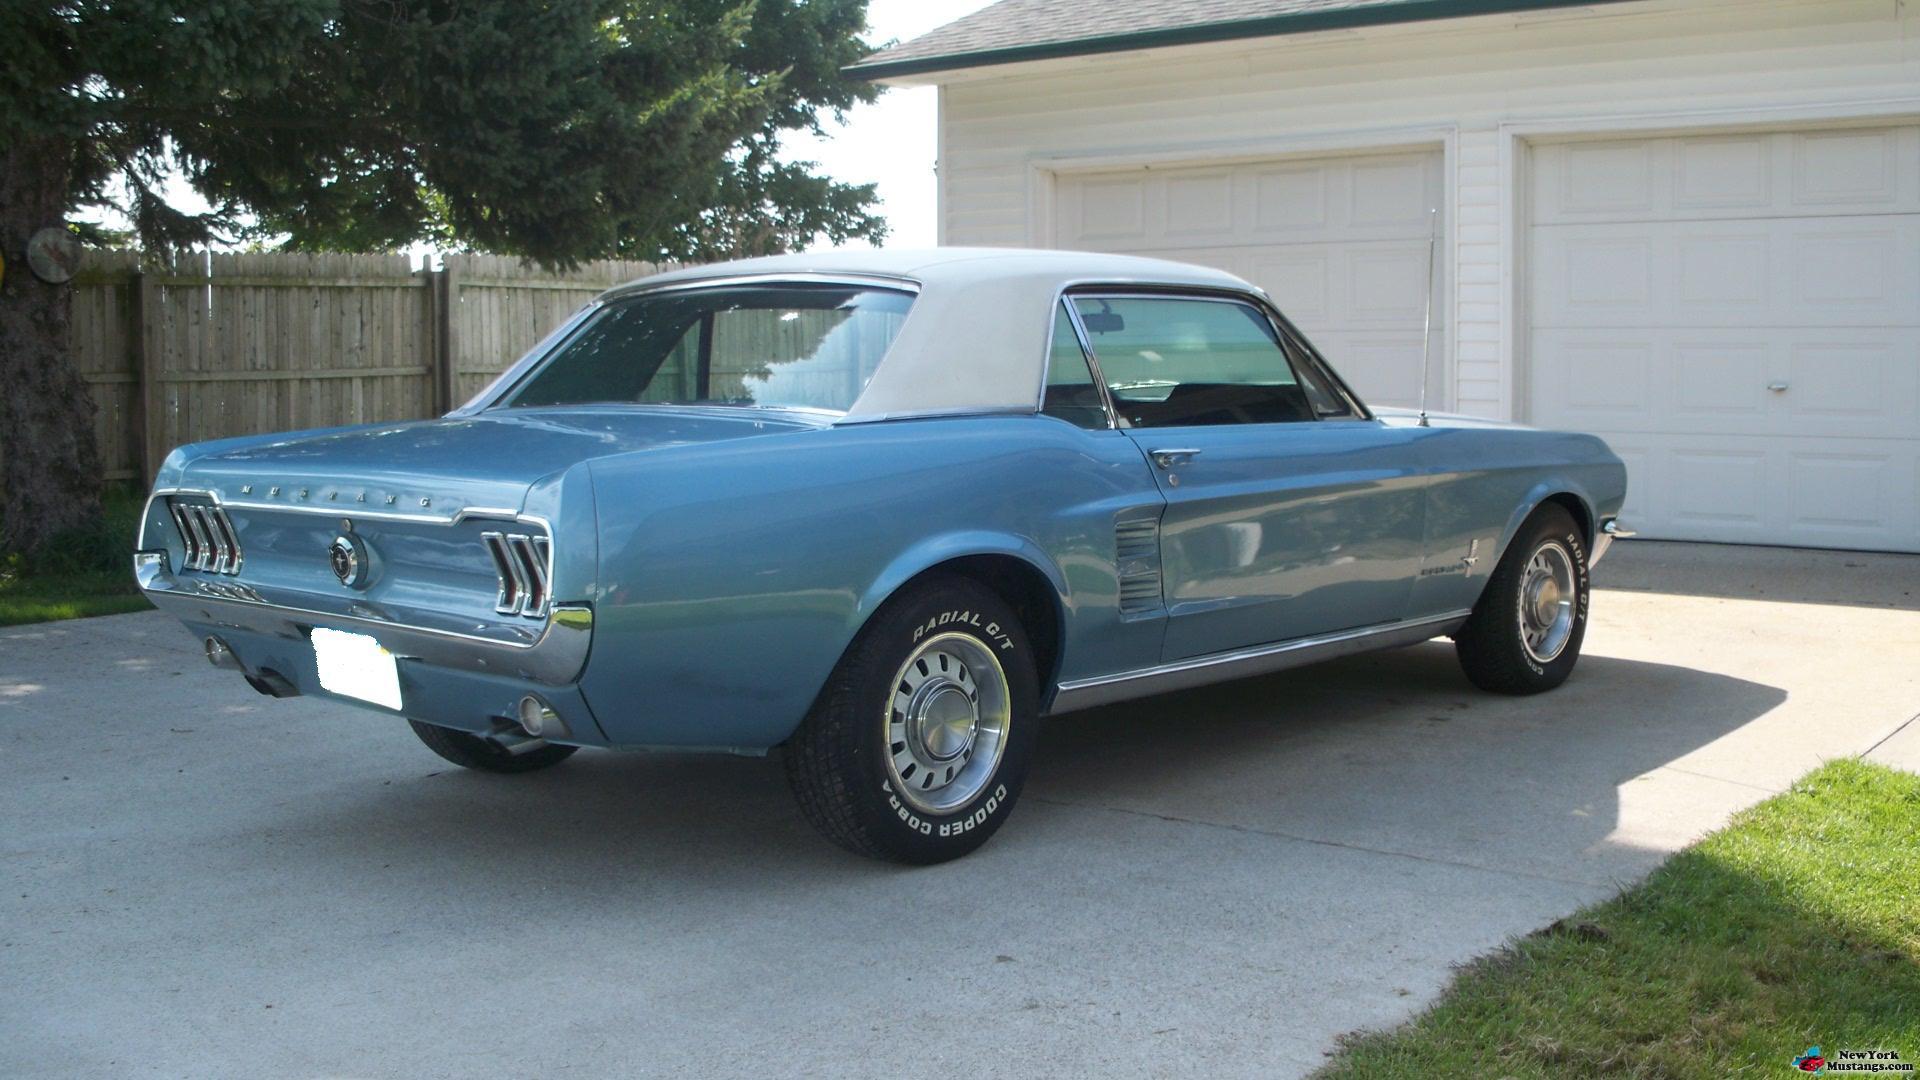 67 Mustang Coupe Wallpaper Wallpapersafari